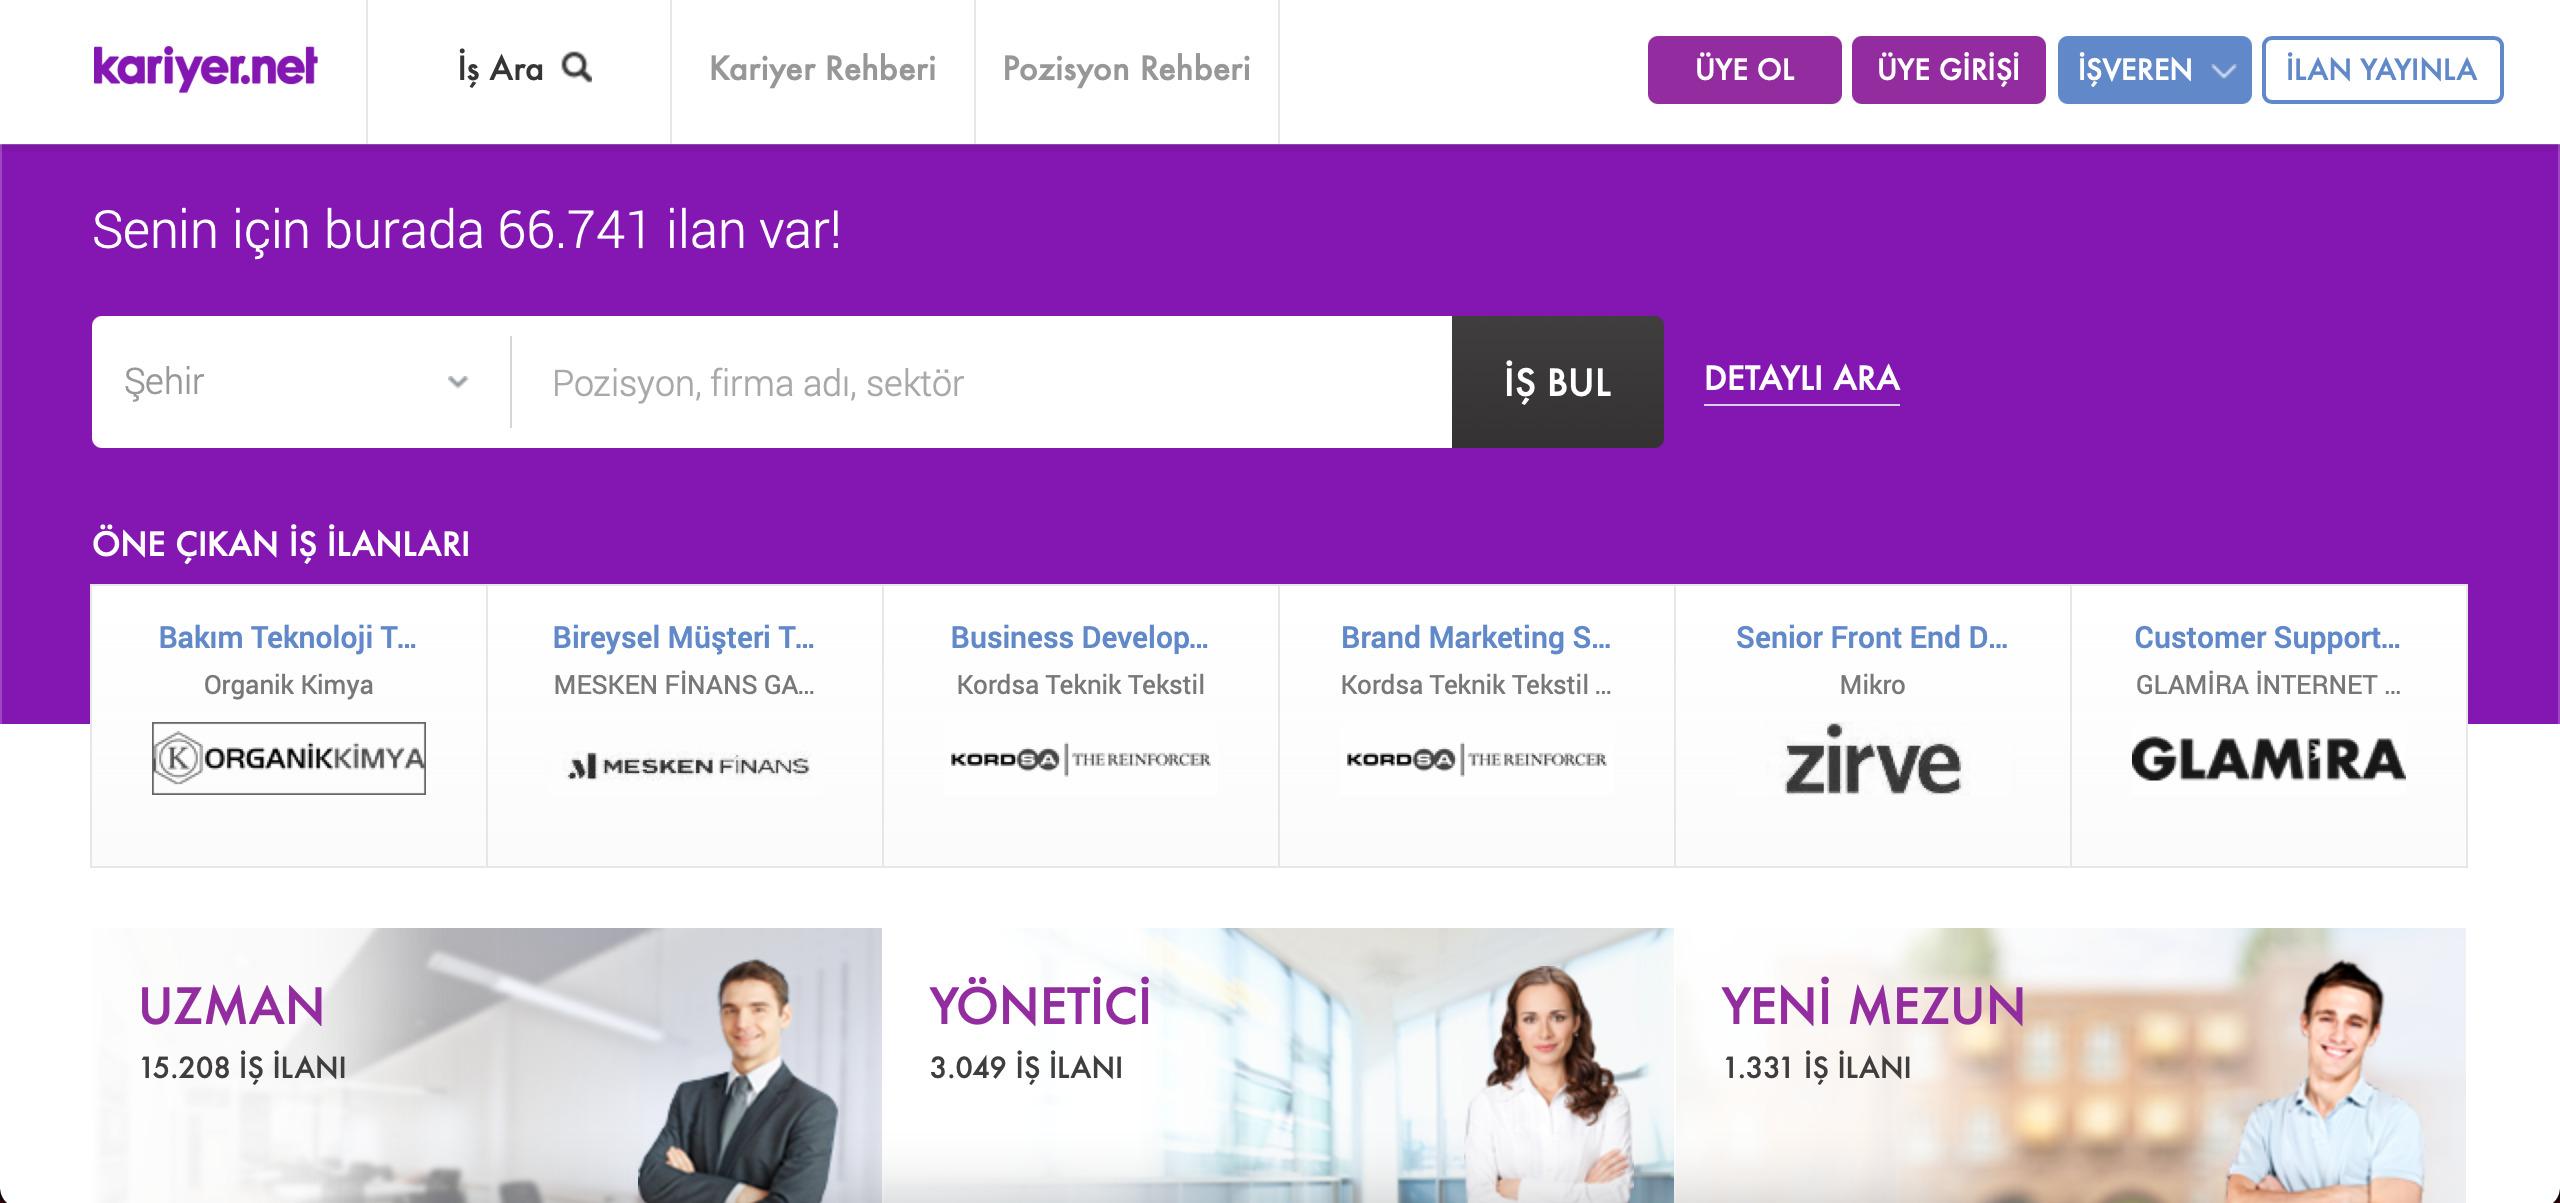 Kariyer.net kullanıcı verileri